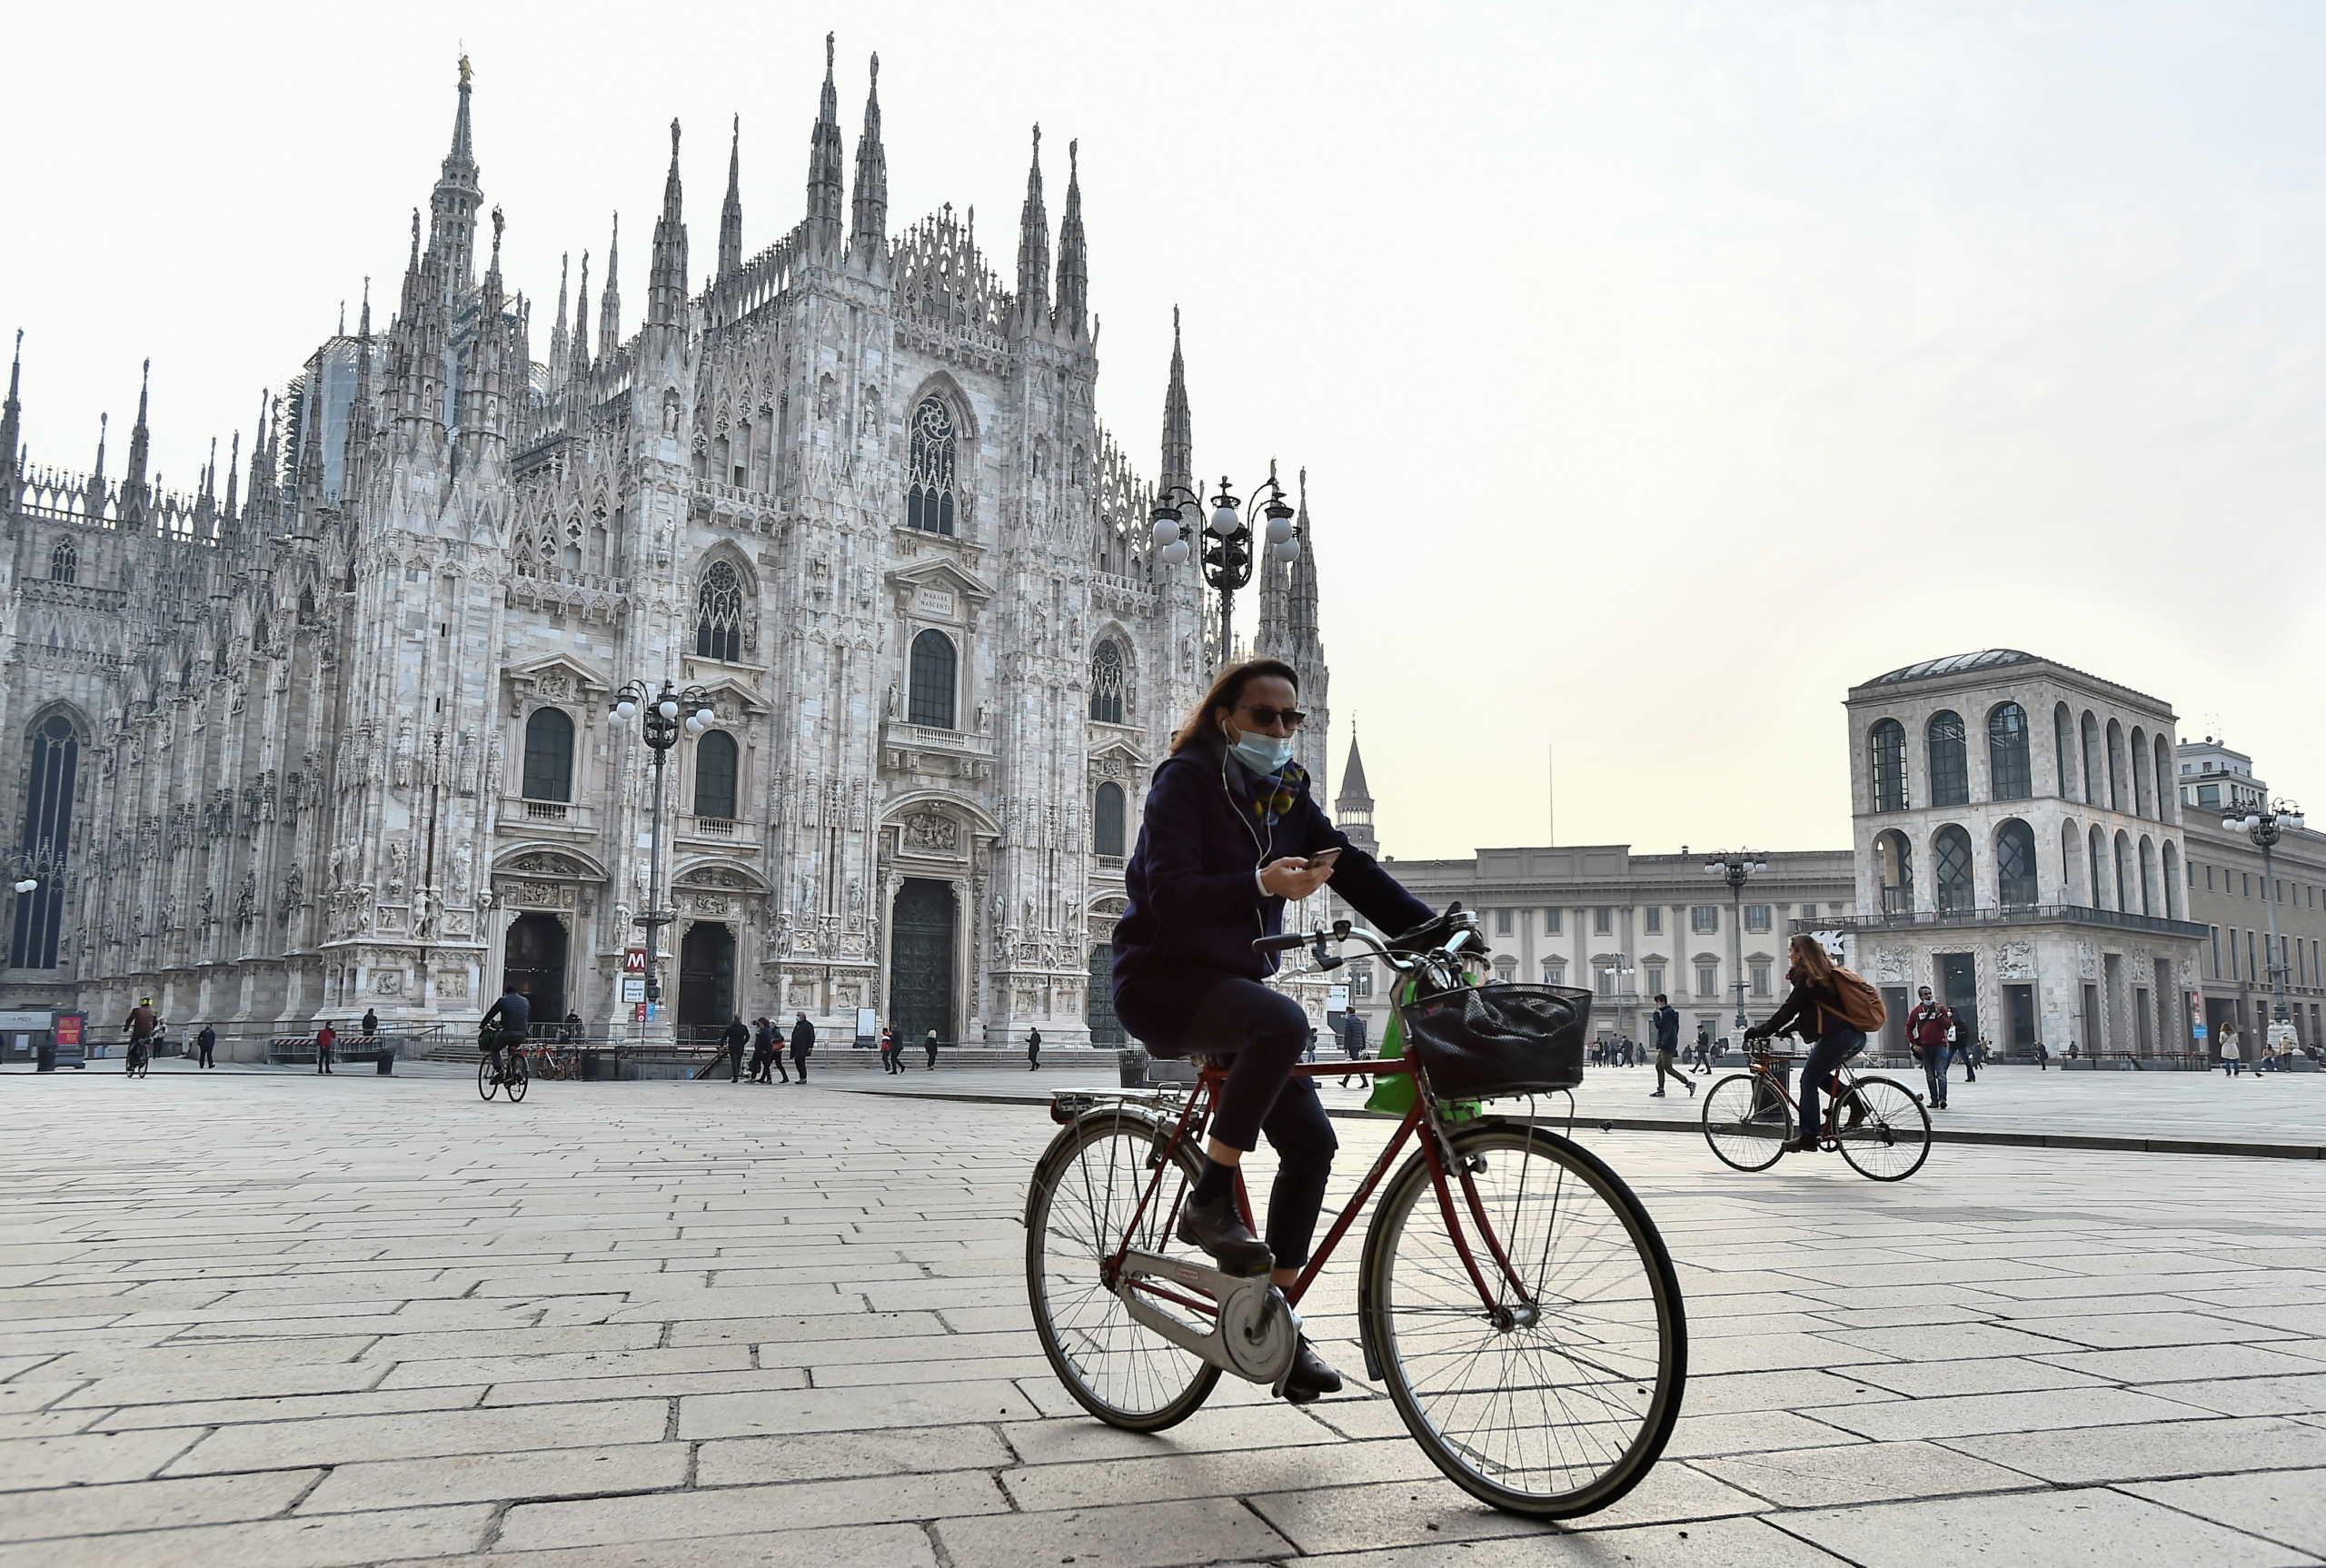 γυναίκα με μάσκα στο Μιλάνο της Ιταλίας